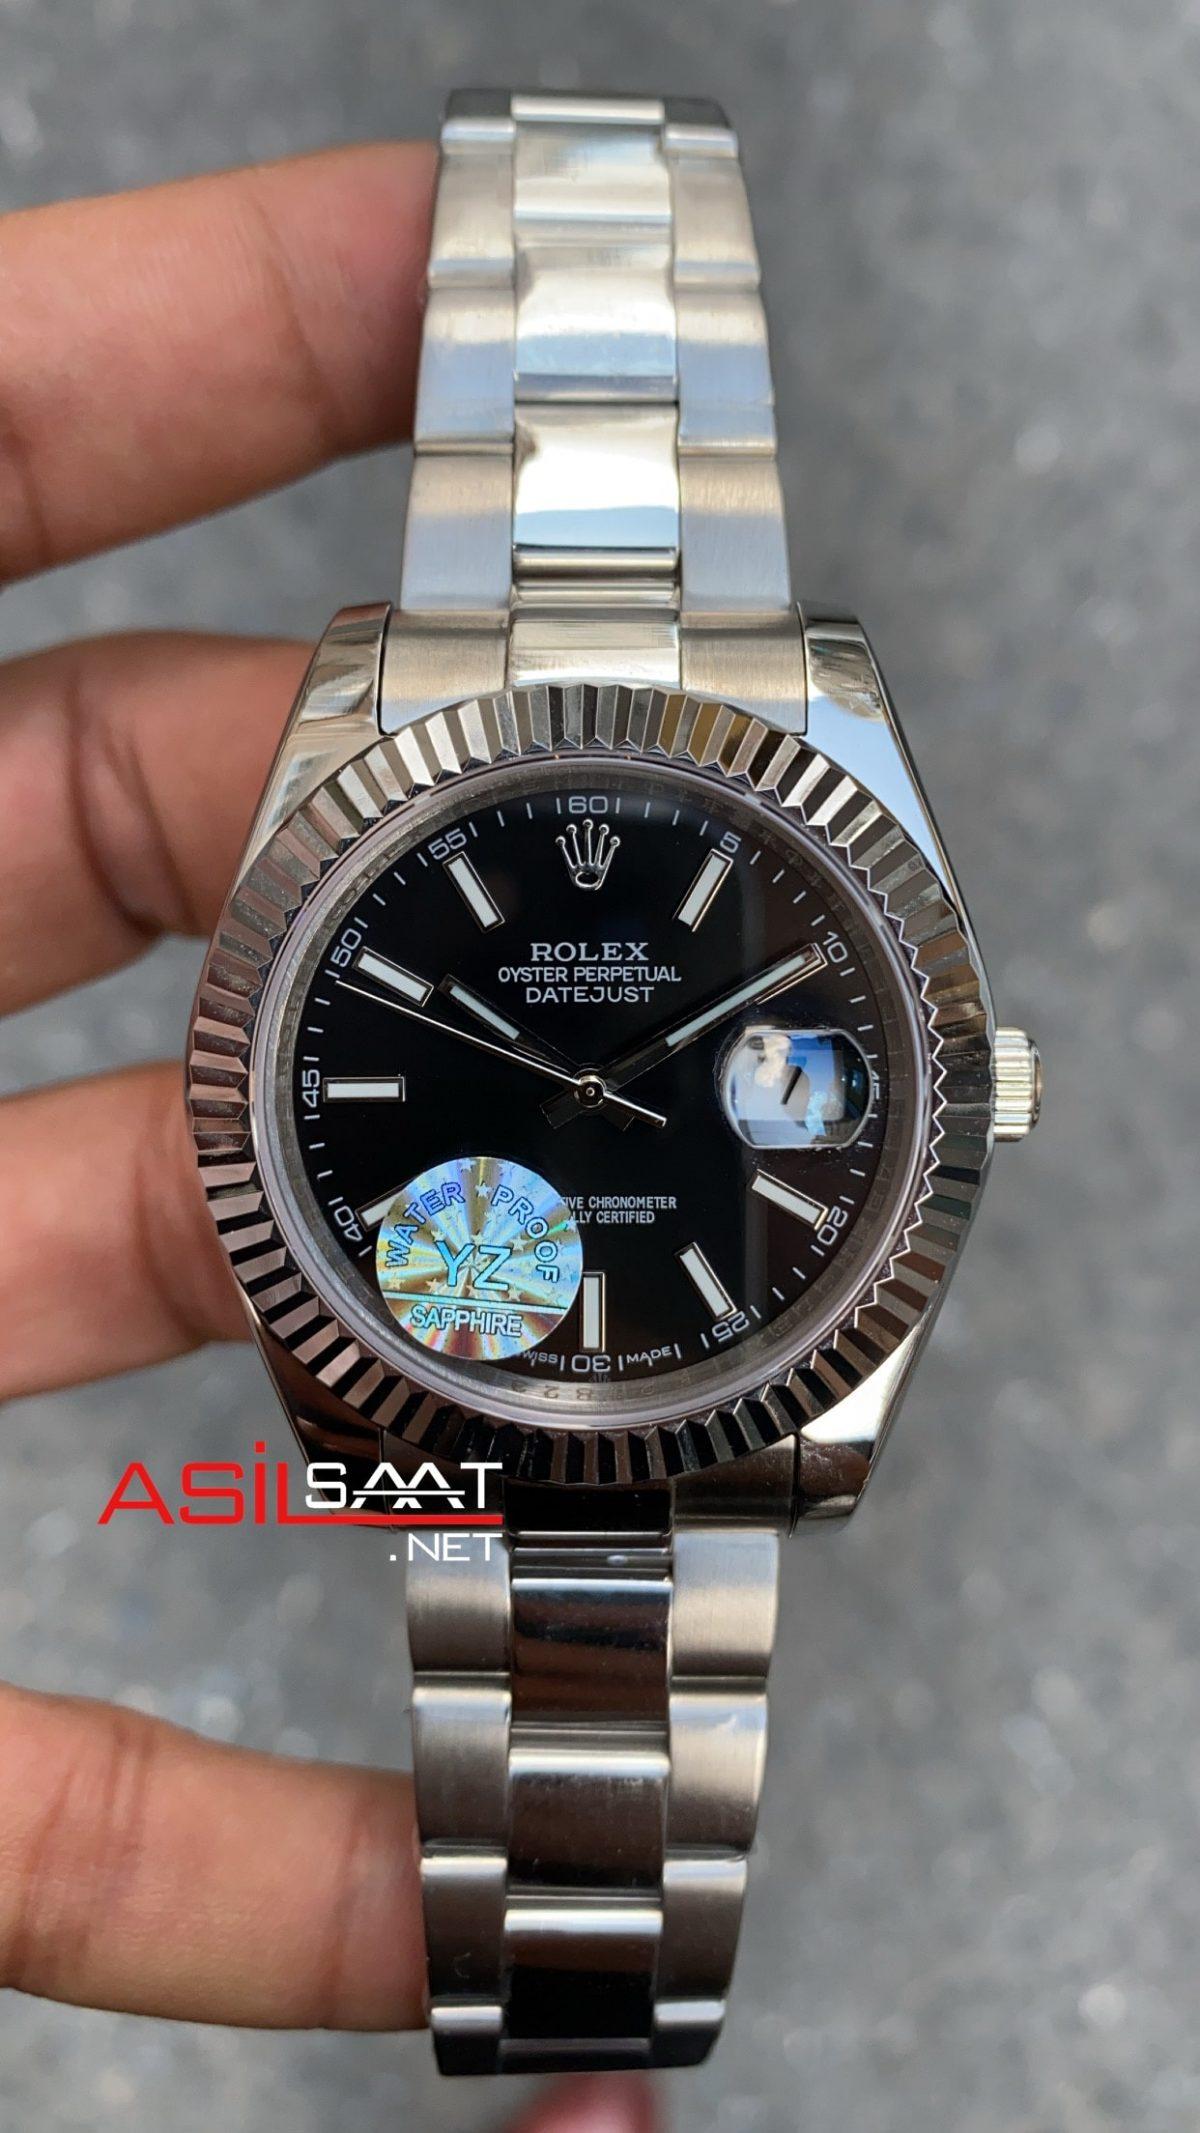 Rolex Datejust Dial Black 126334 ROLDJ005